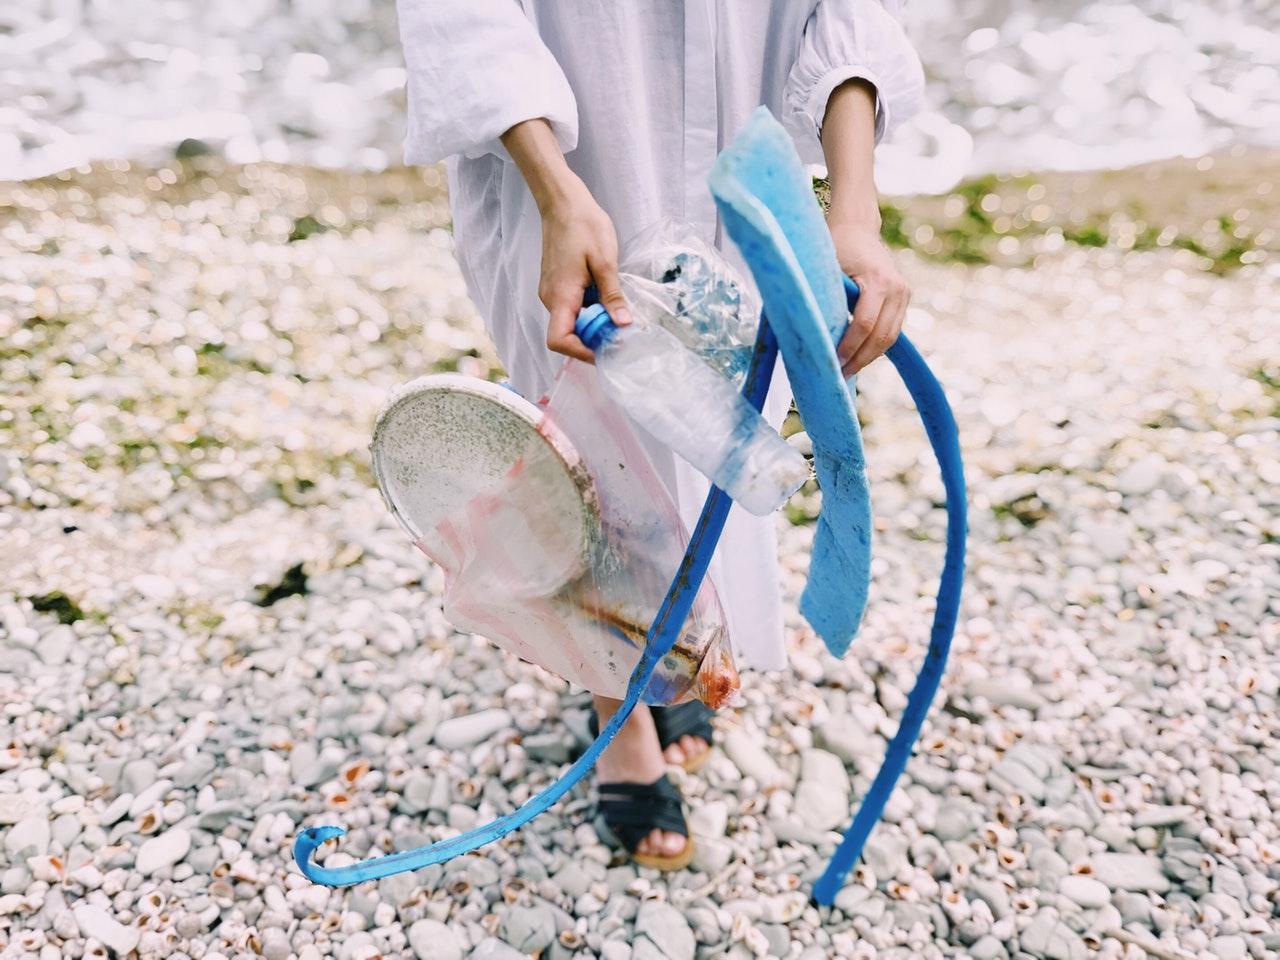 82a5f7c4d06 Empresas integram aliança global para combate à poluição causada por  plásticos